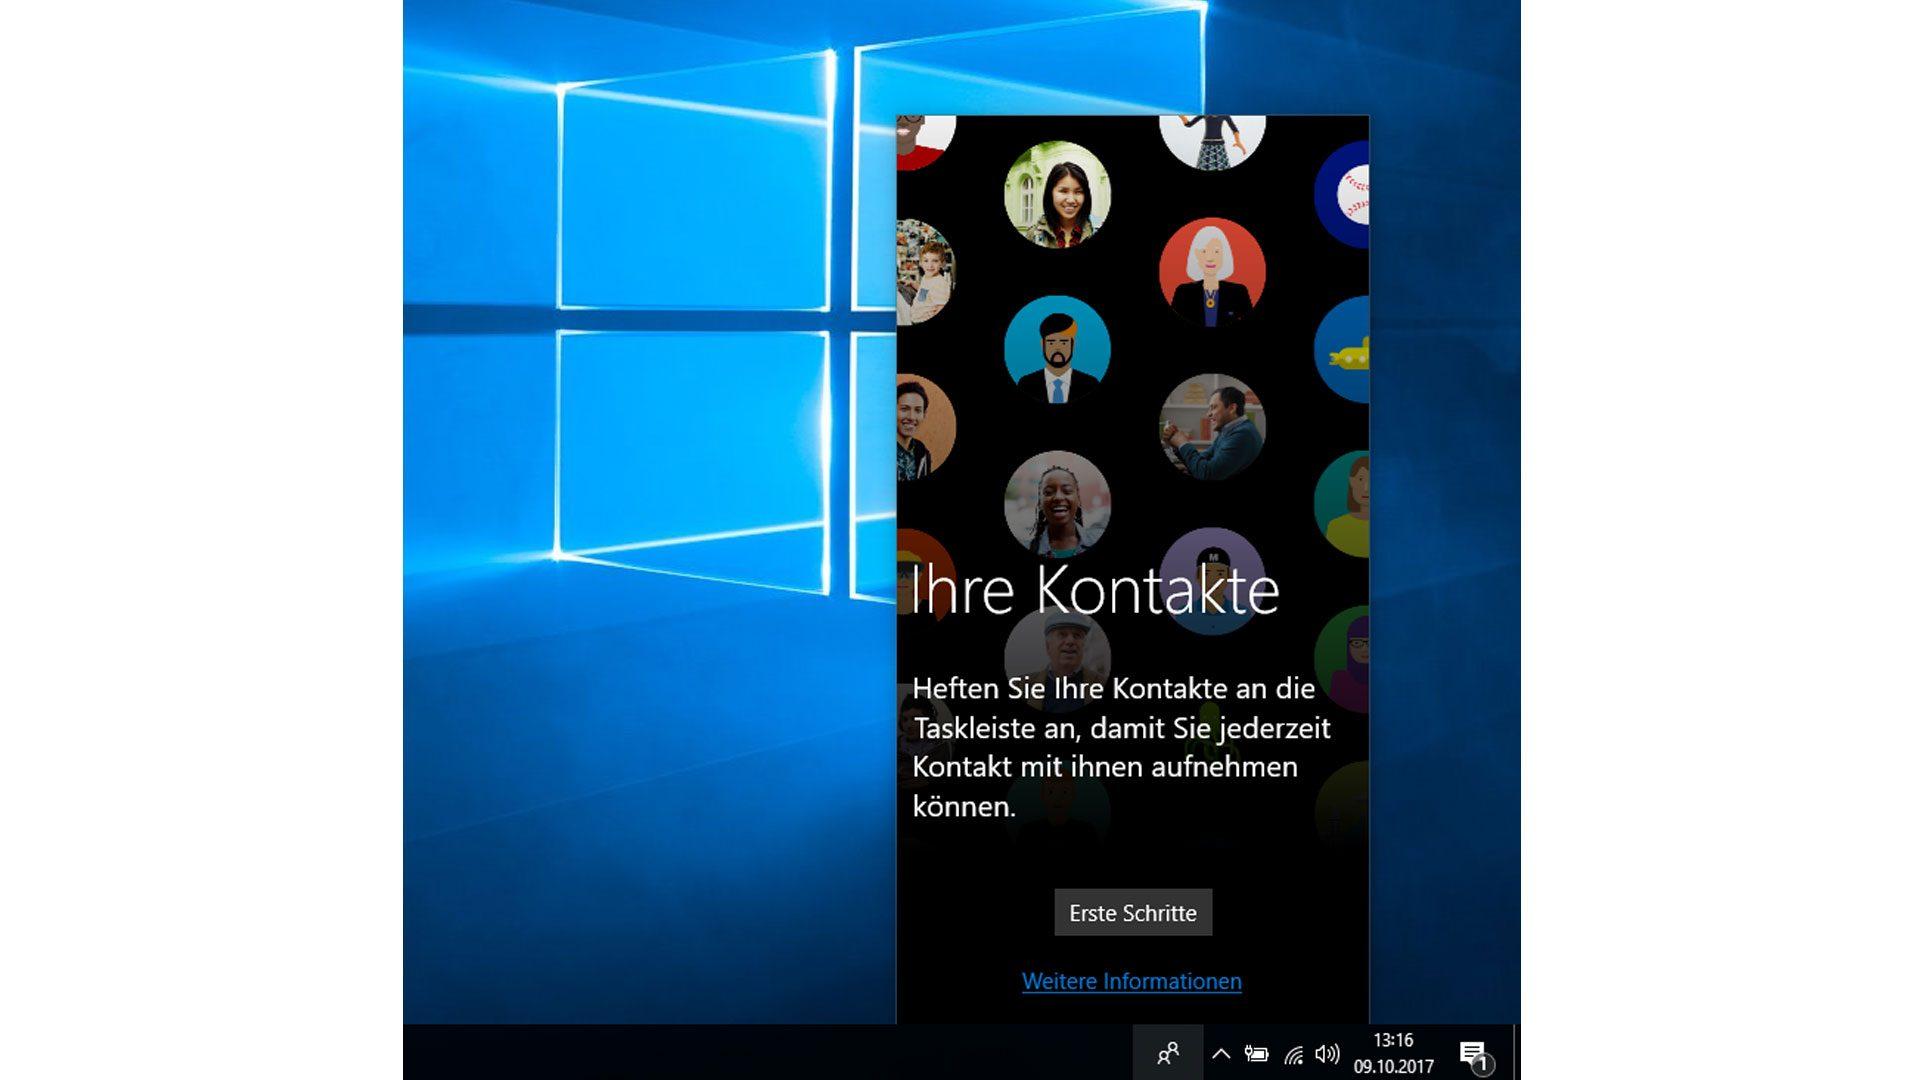 An der Windows-Taskleiste sind nun eure Kontakte angepinnt.